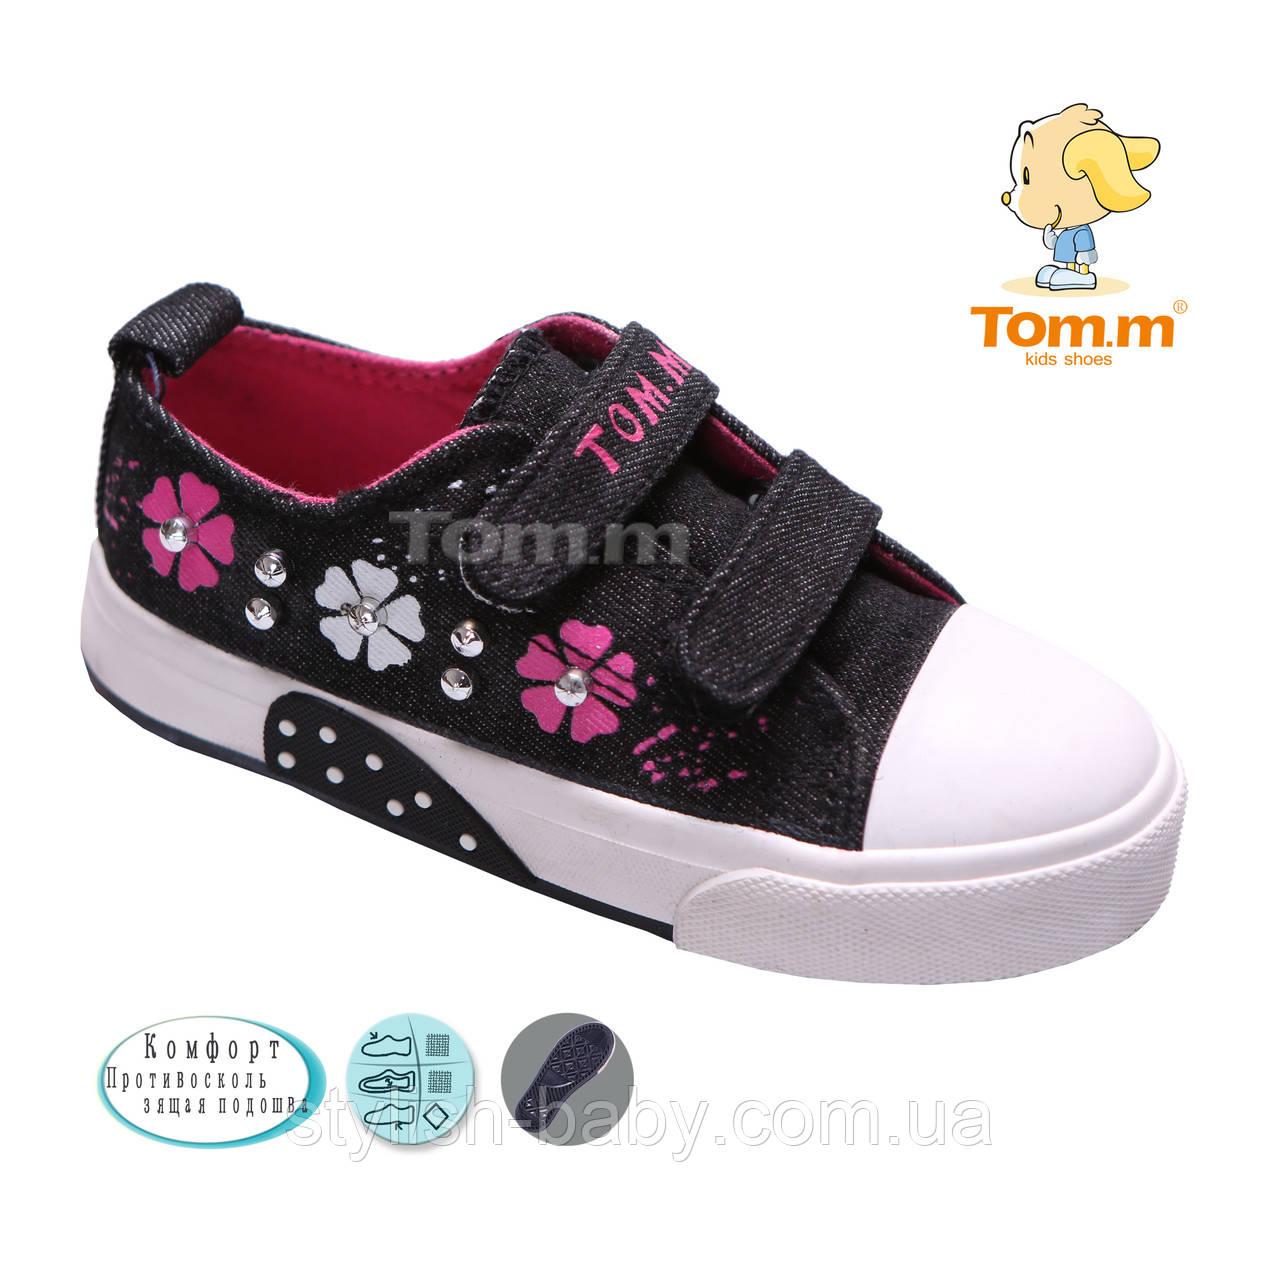 Дитяче взуття оптом. Дитячі кеди бренду Tom.m для дівчаток (рр. з 25 по 30)